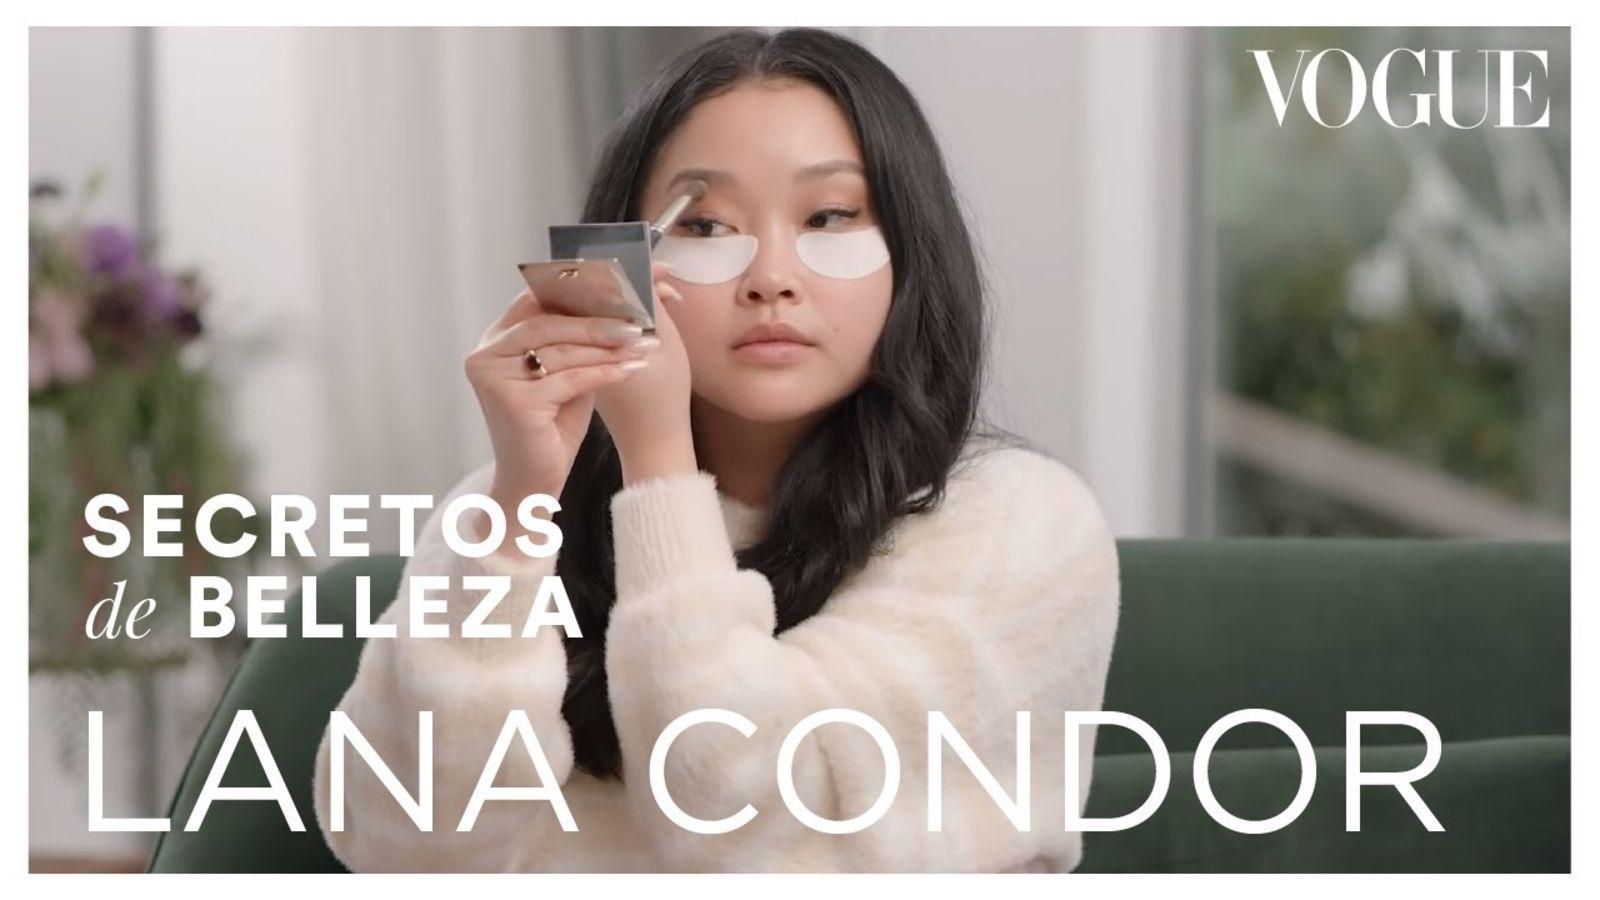 """Lana Condor: """"Labios atrevidos y ojos llamativos SÍ pueden combinarse"""""""